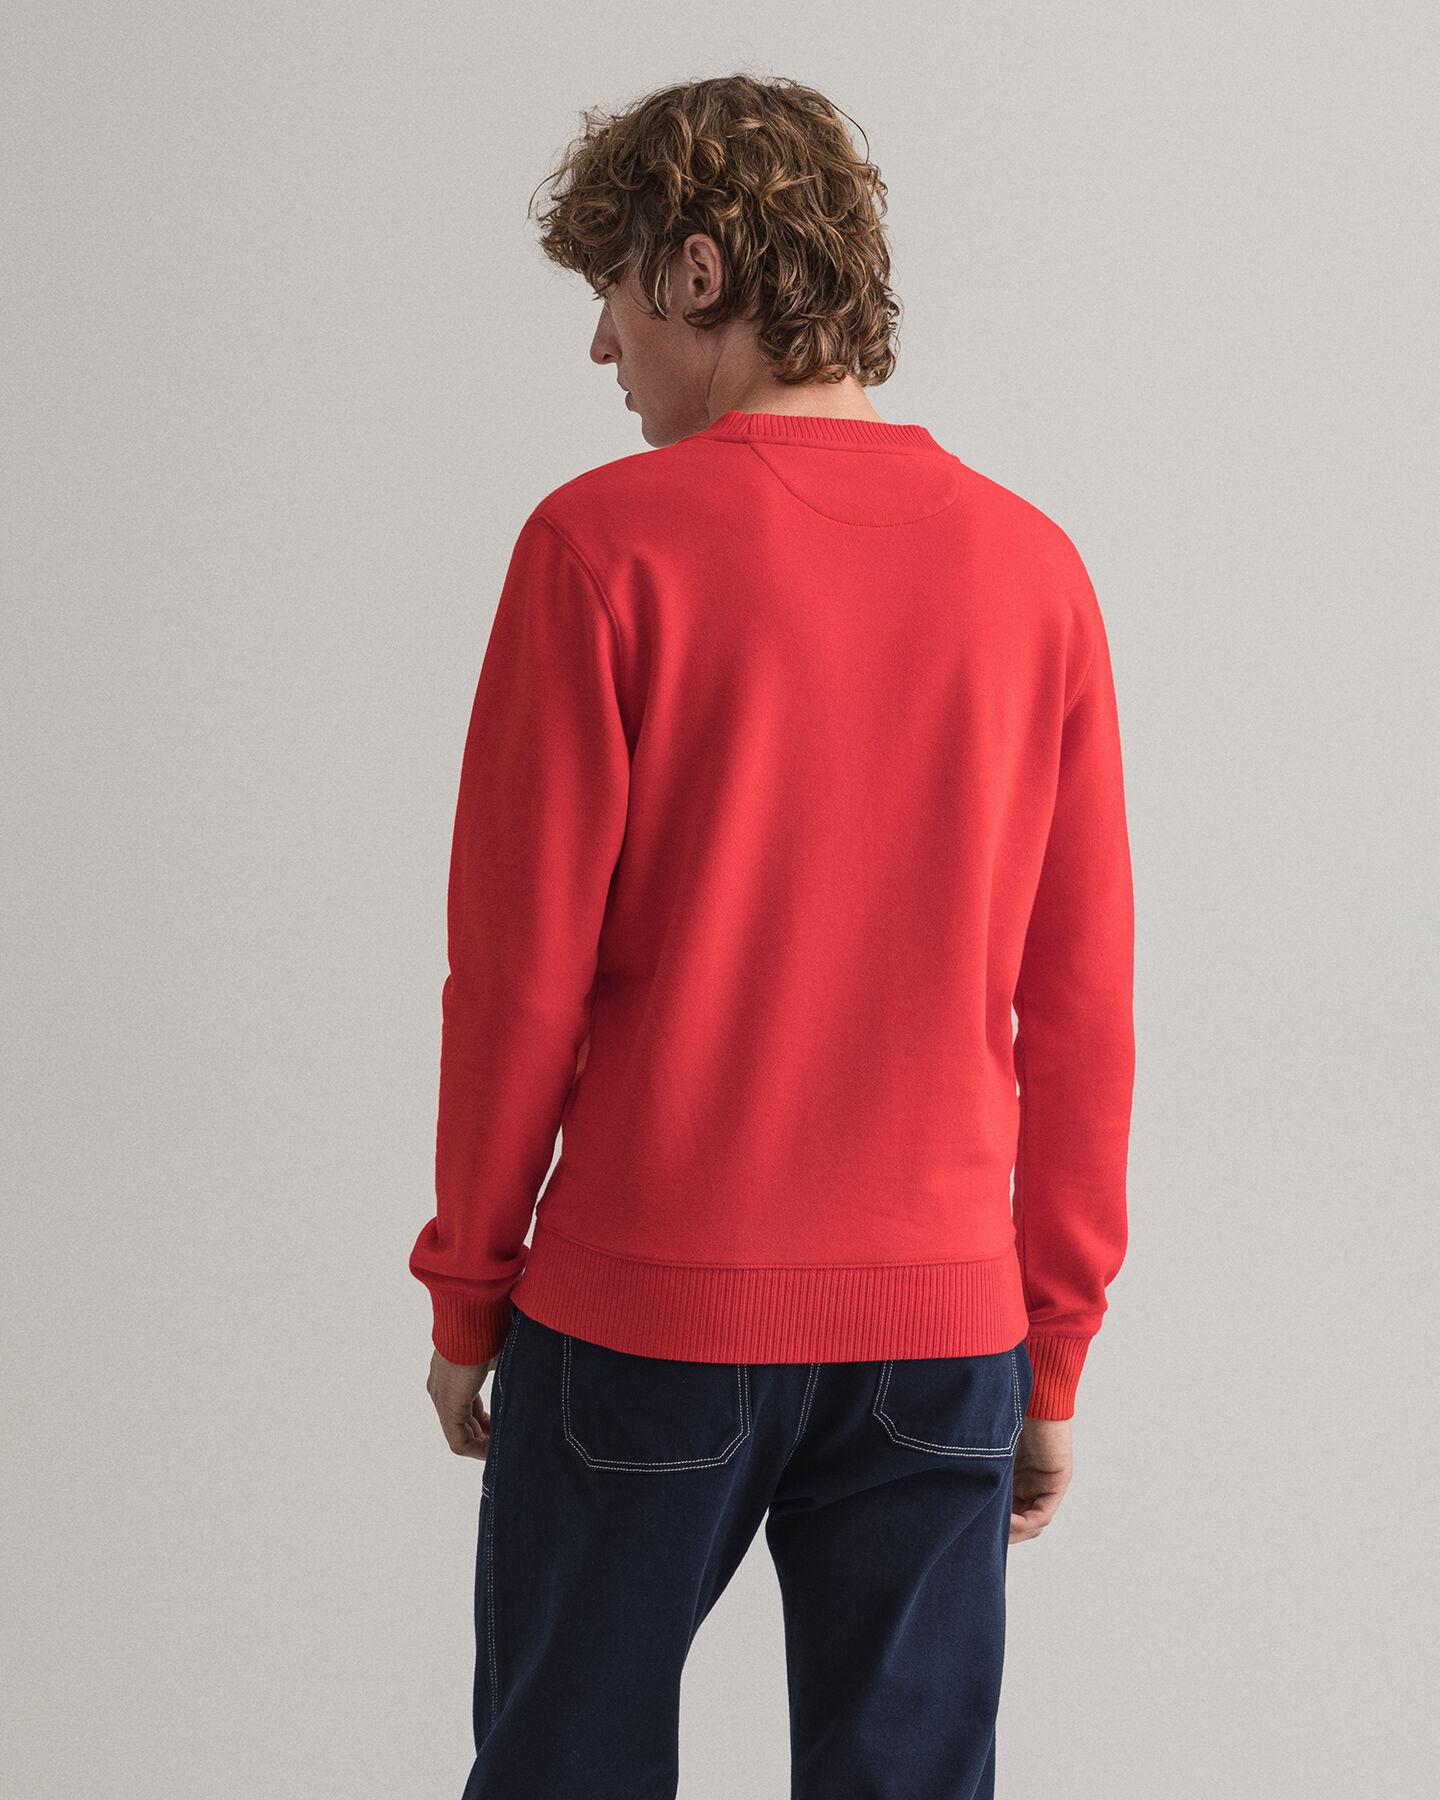 Flag Crest Rundhals-Sweatshirt